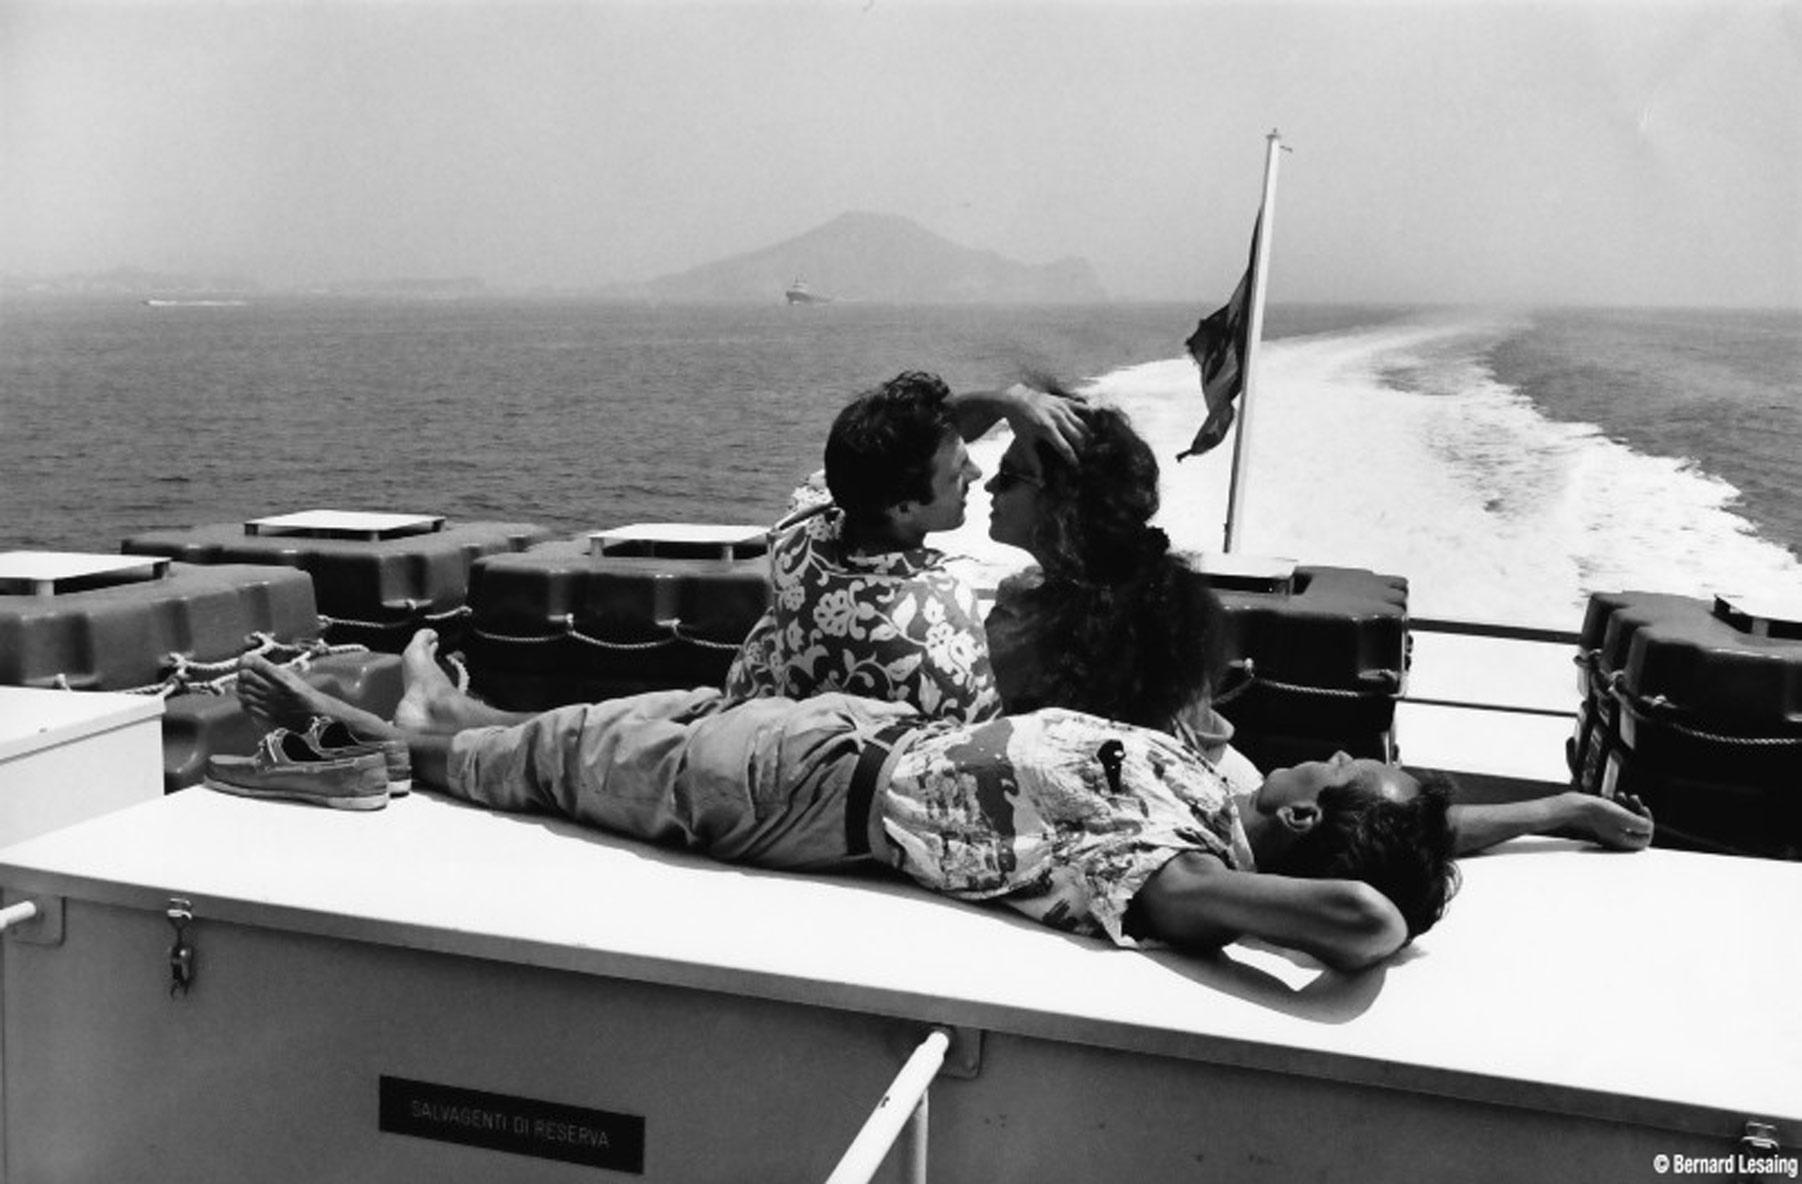 Sur l'aliscafo, baie de Naples, 1990-92 © Bernard Lesaing